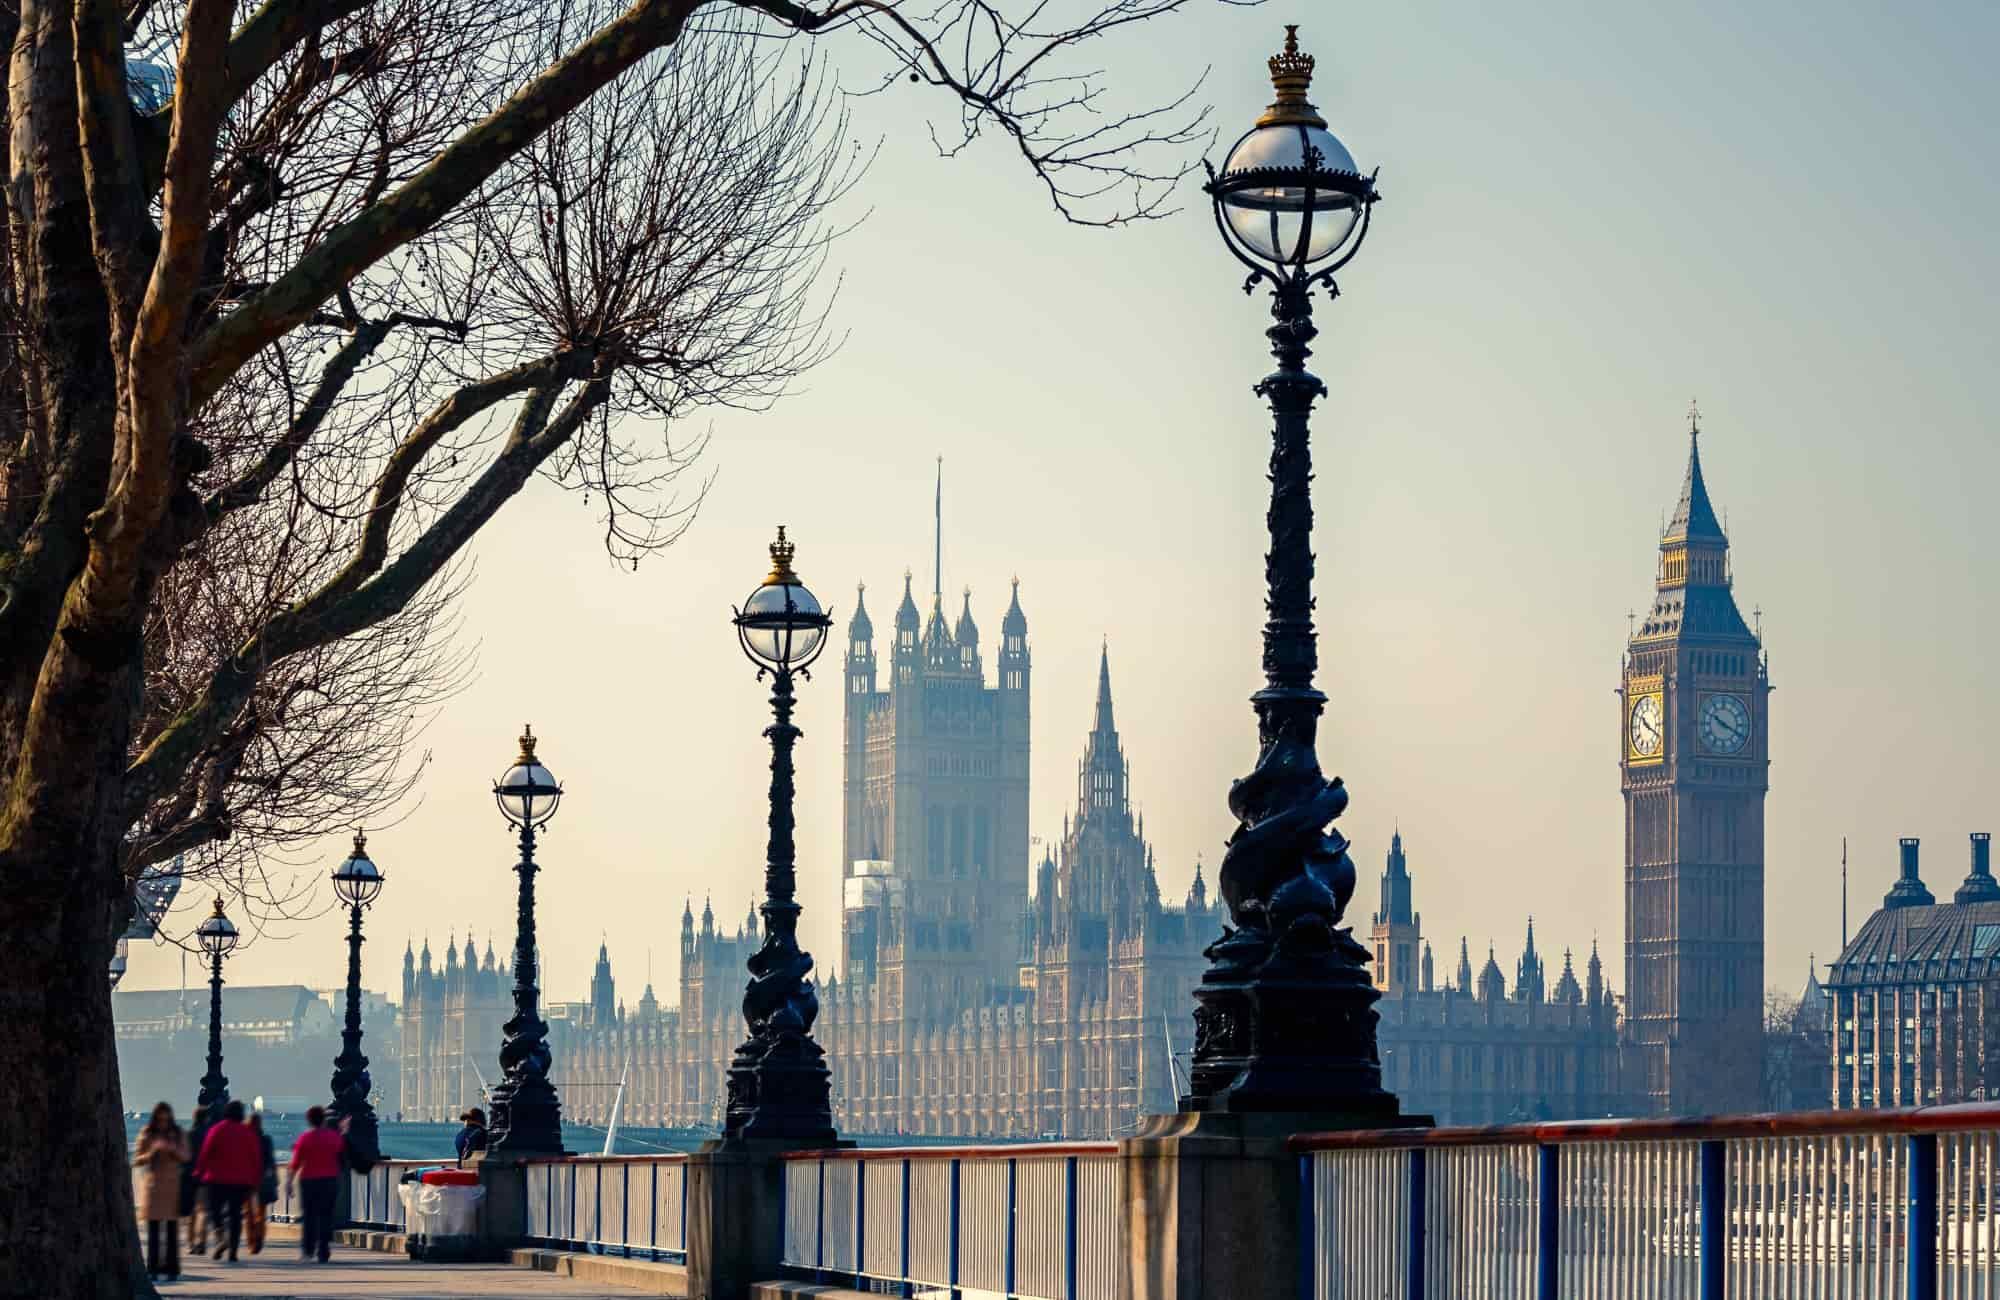 Le palais de Westminster et Big Ben Londres - Recoup